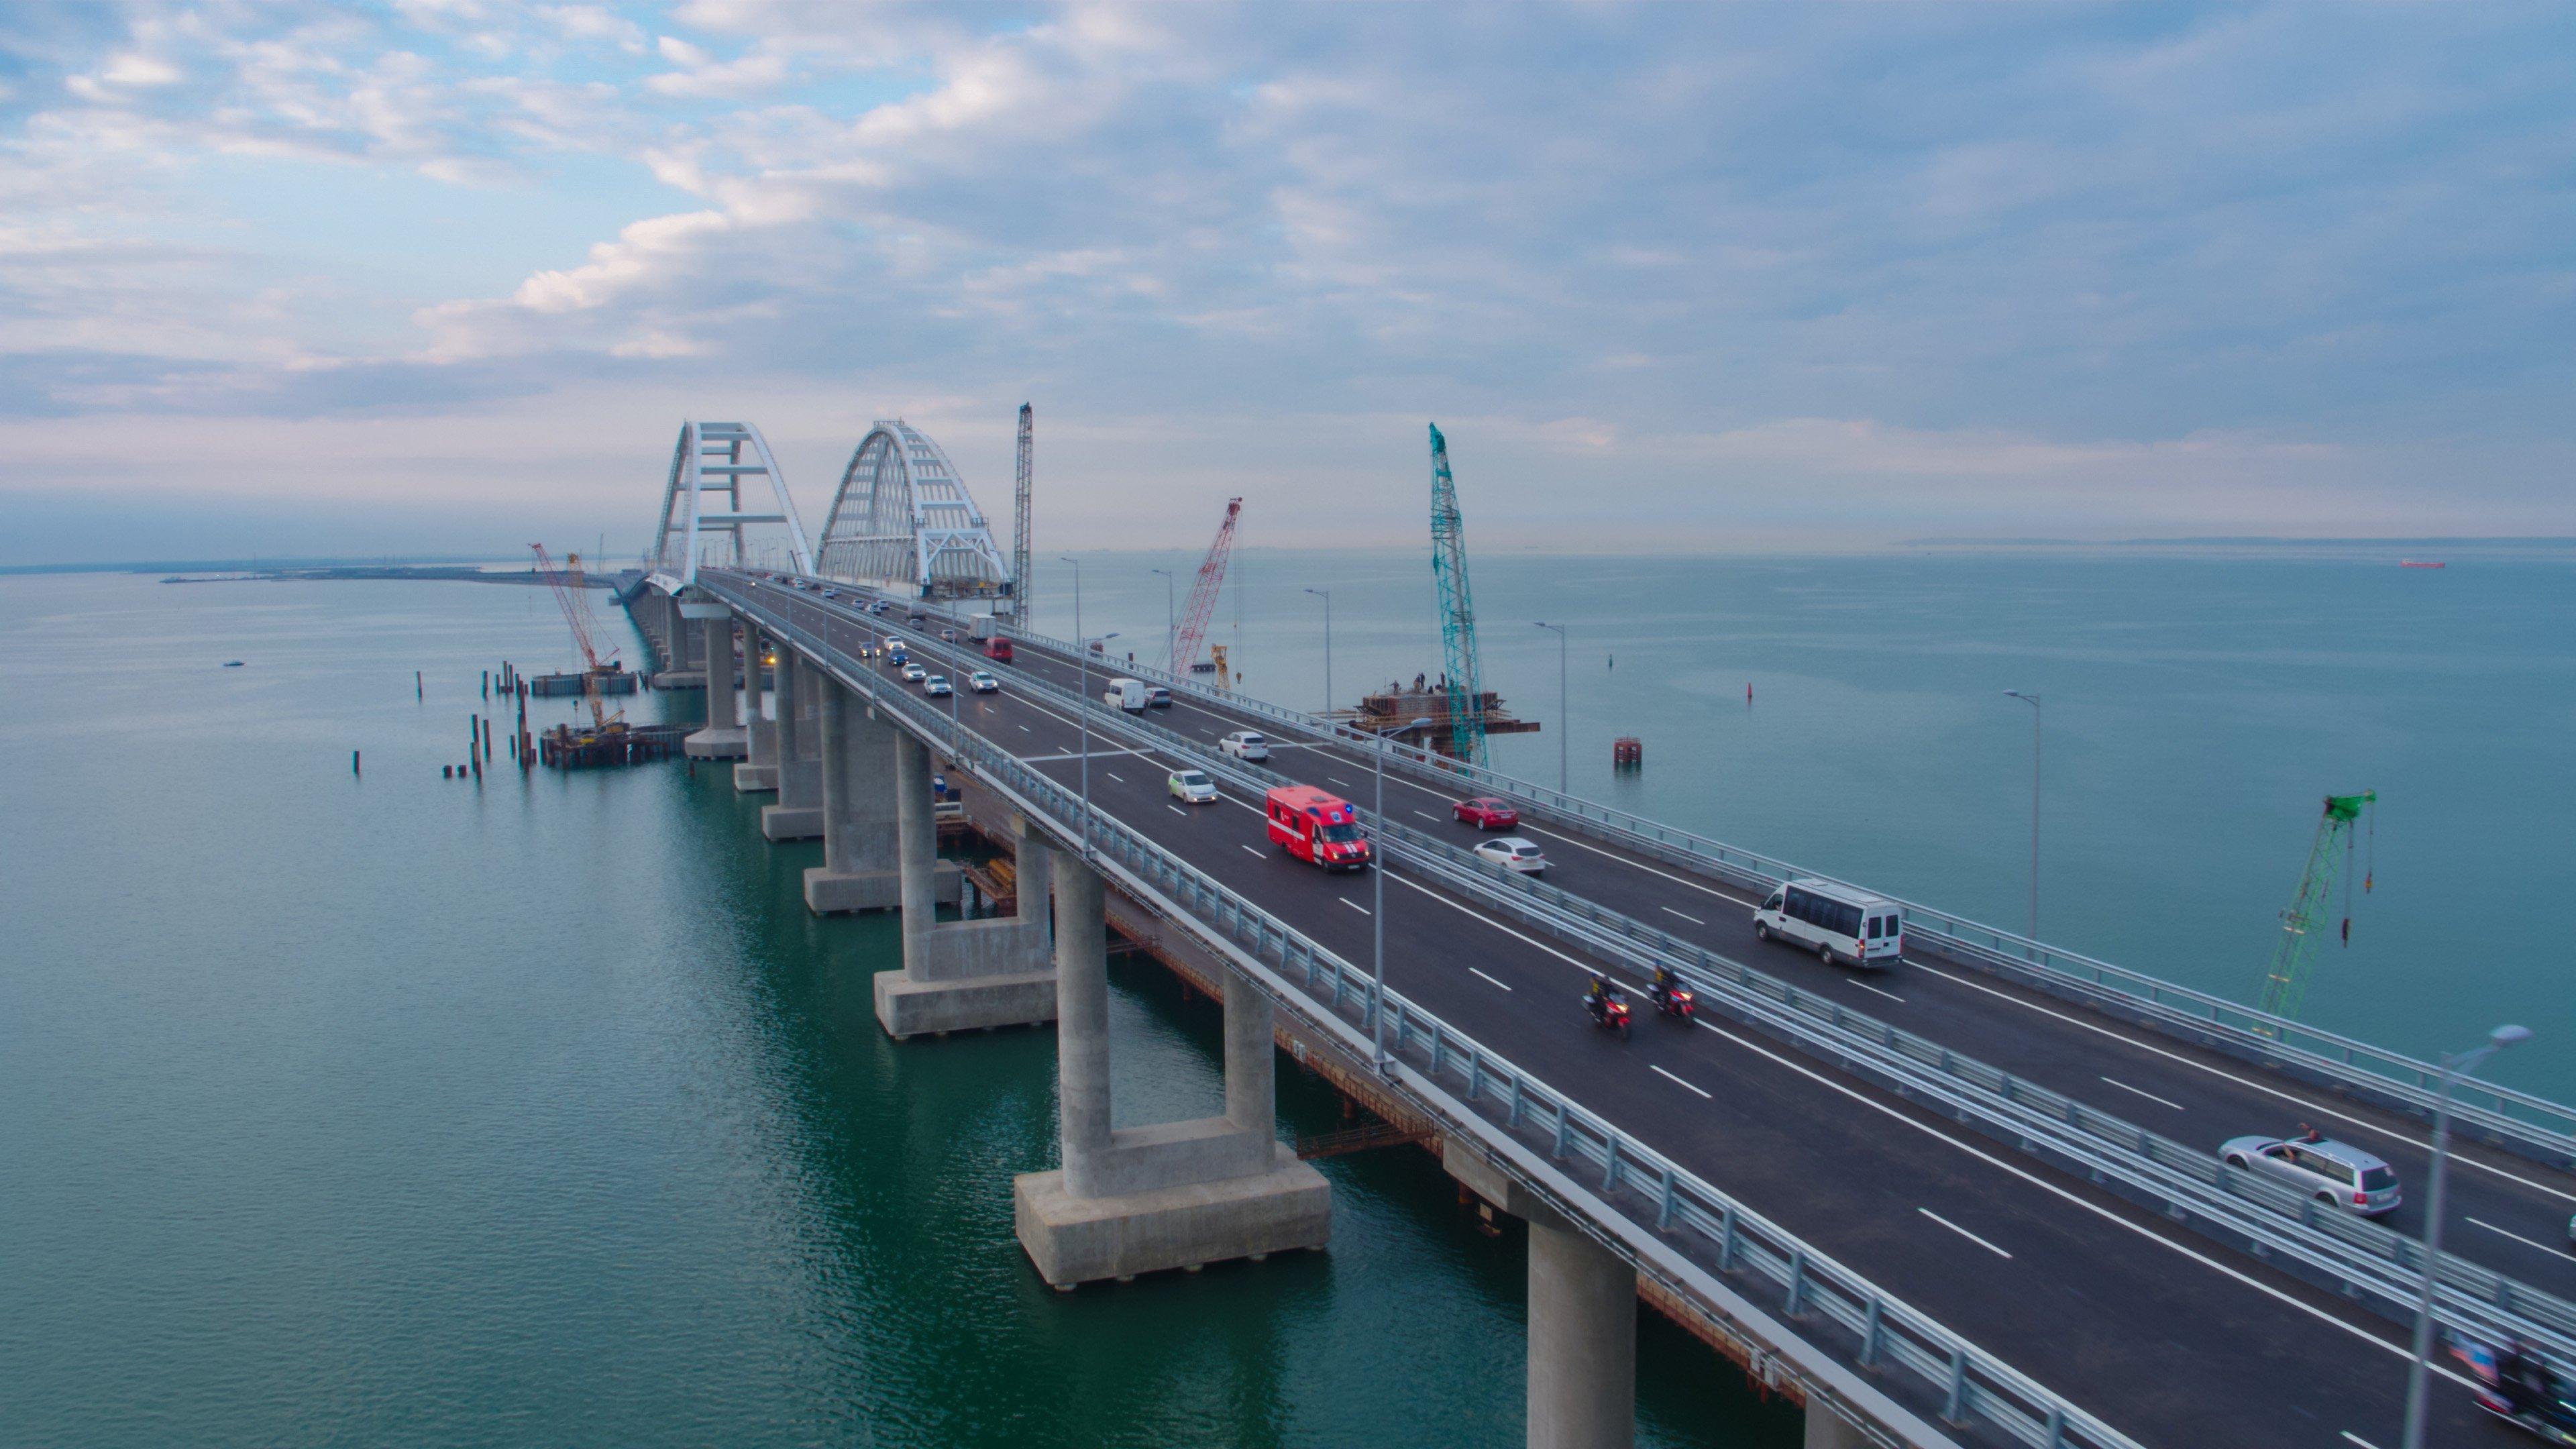 Аркадий Ротенберг пожаловался, что строительство Крымский мост сильно осложняли непростой грунт и частые штормы